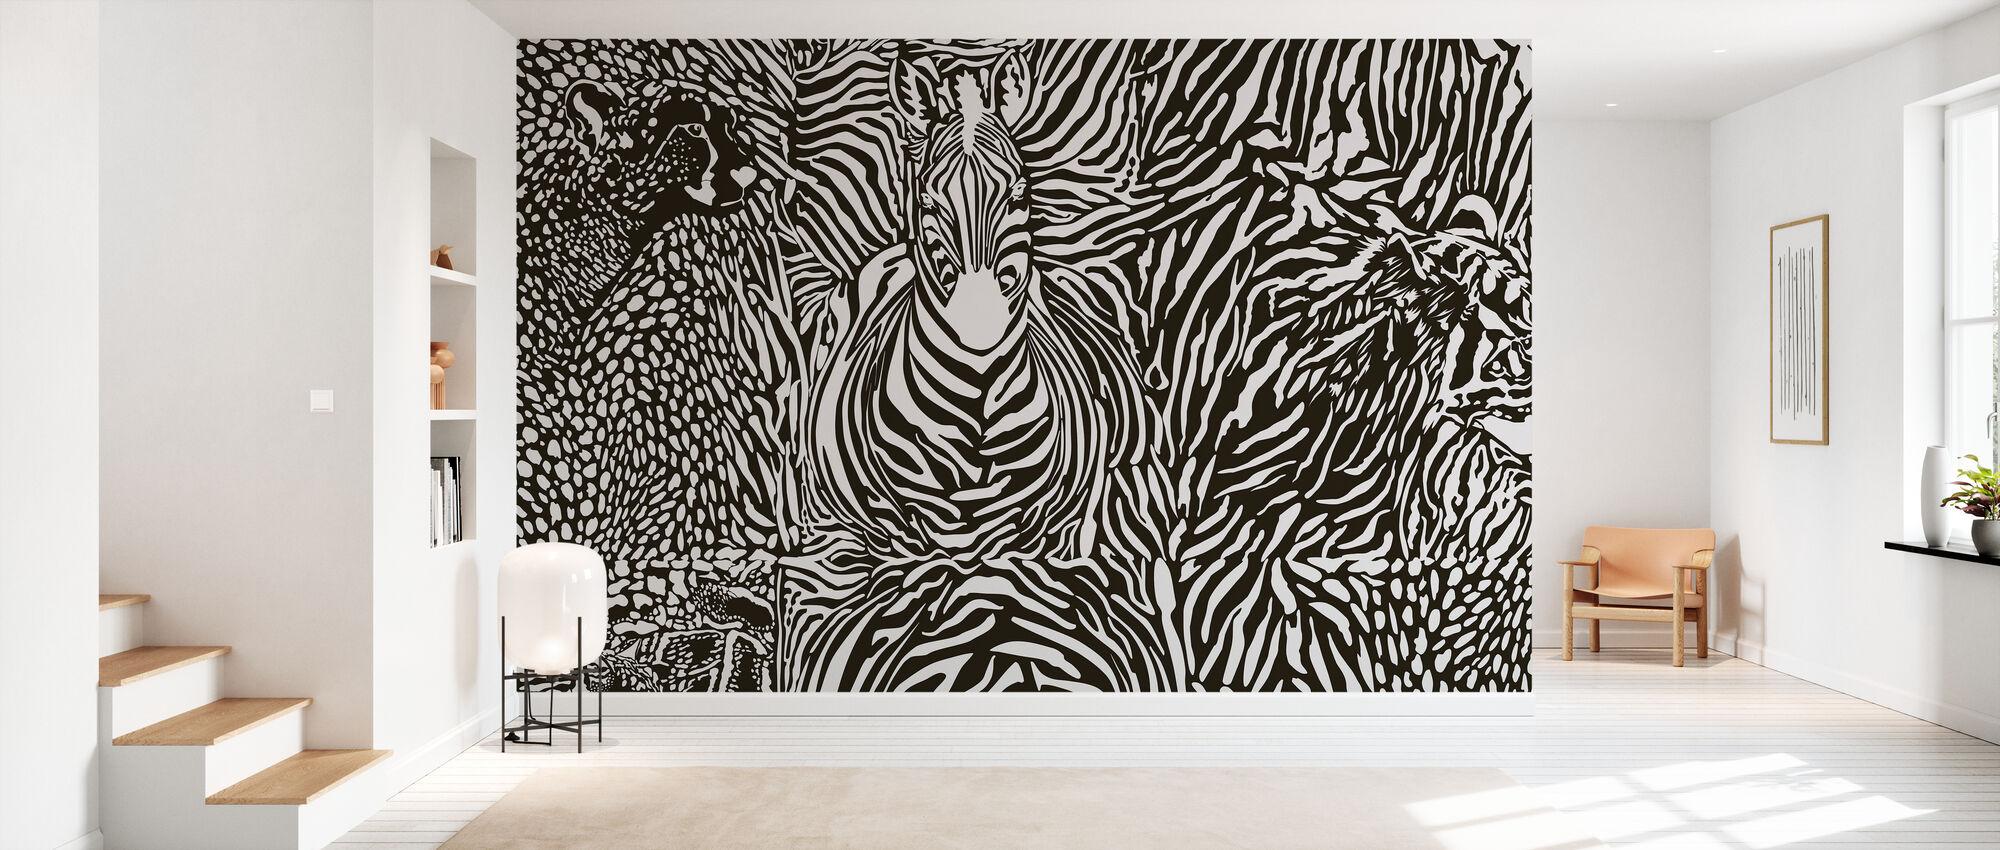 Wilderness Spirit - Wallpaper - Hallway